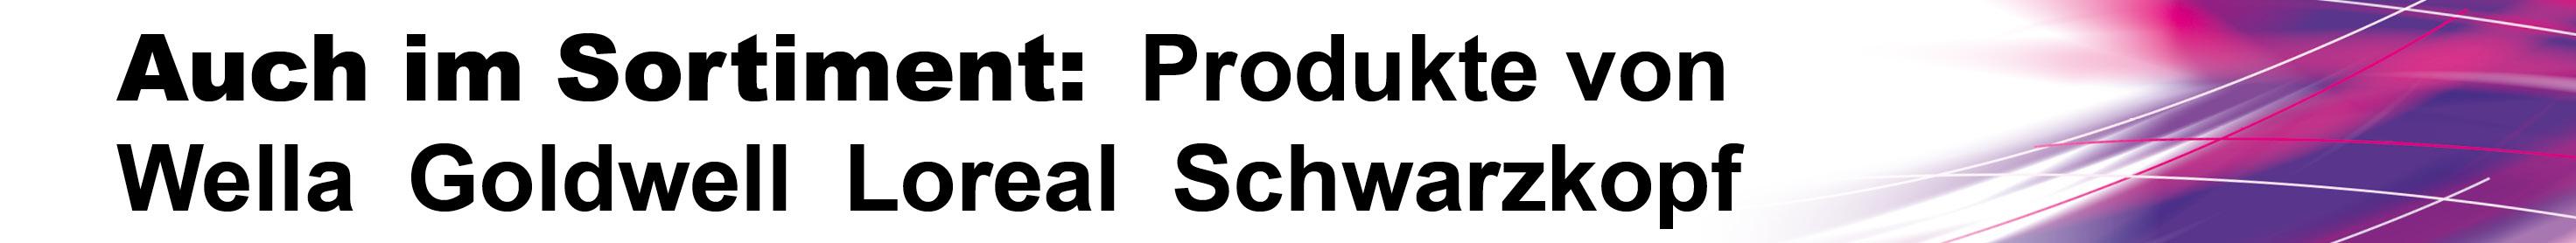 Auch im Sortiment - Wella - Loreal - Schwarzkopf